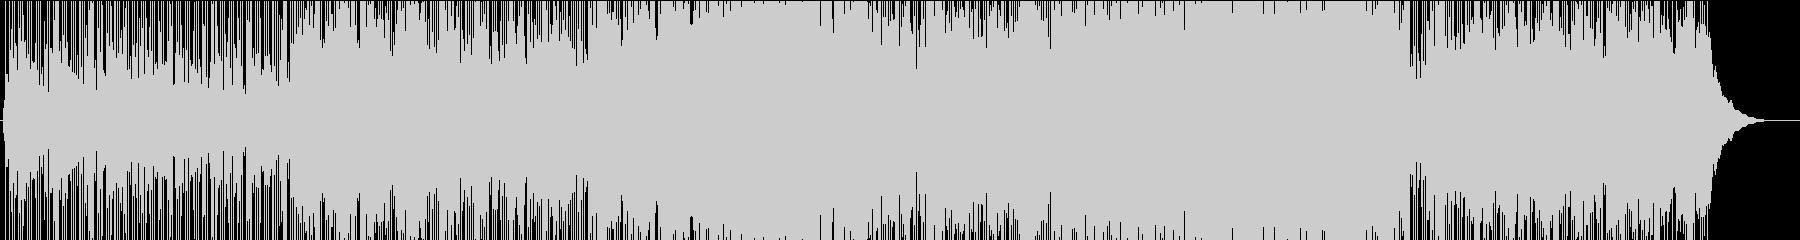 インディーカレッジのラジオの雰囲気...の未再生の波形